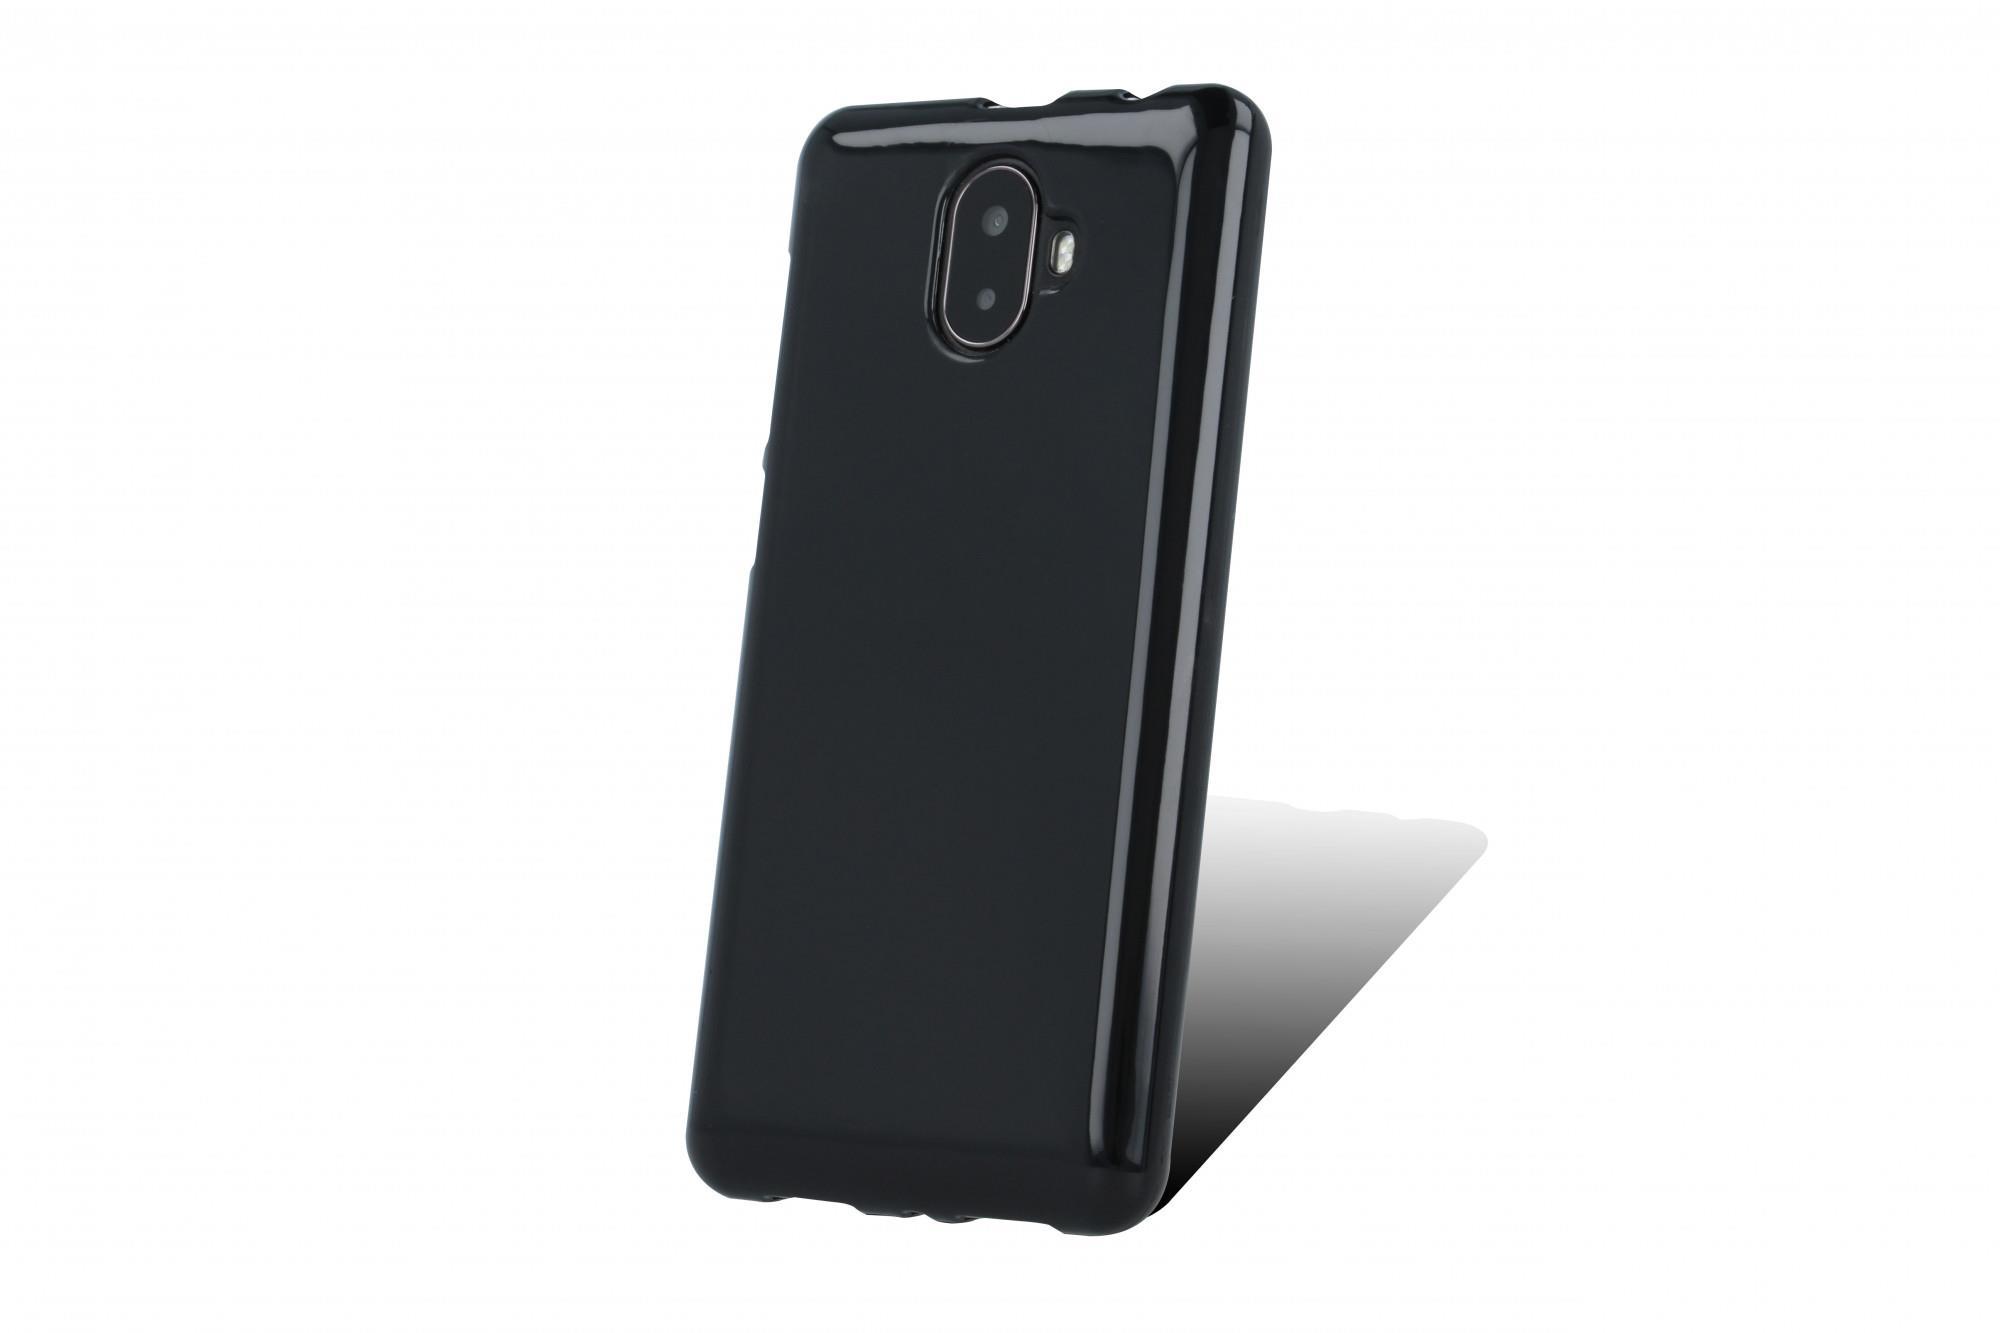 Silikonové TPU pouzdro pro myPhone Pocket 18x9 černá